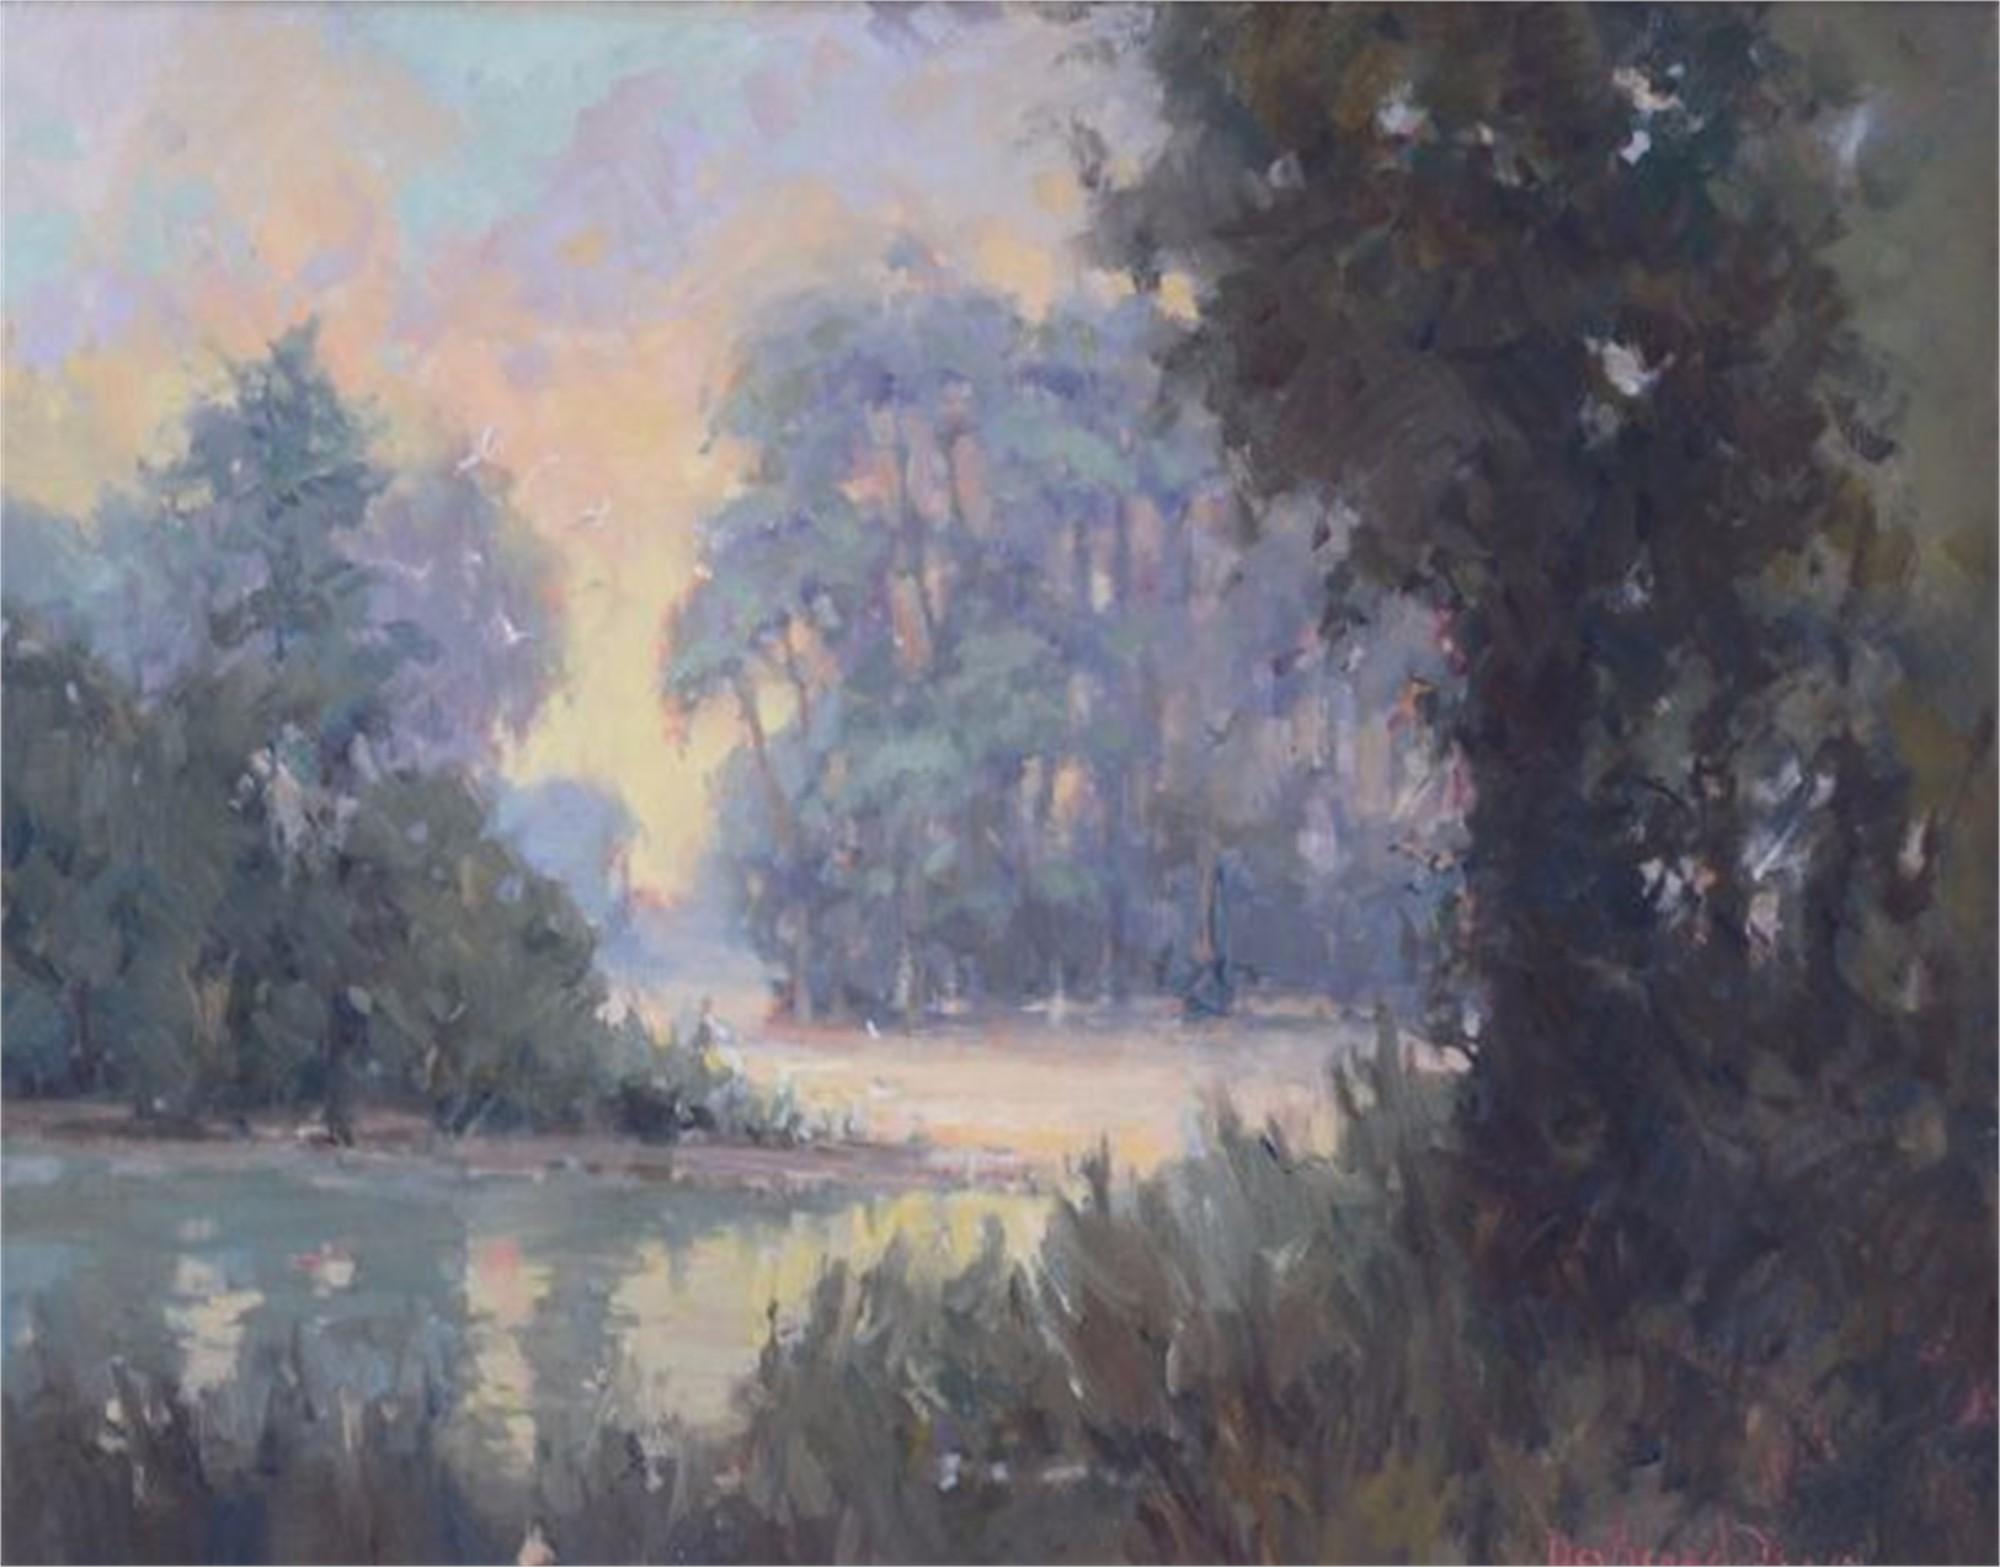 Morning Mist by Dee Beard Dean